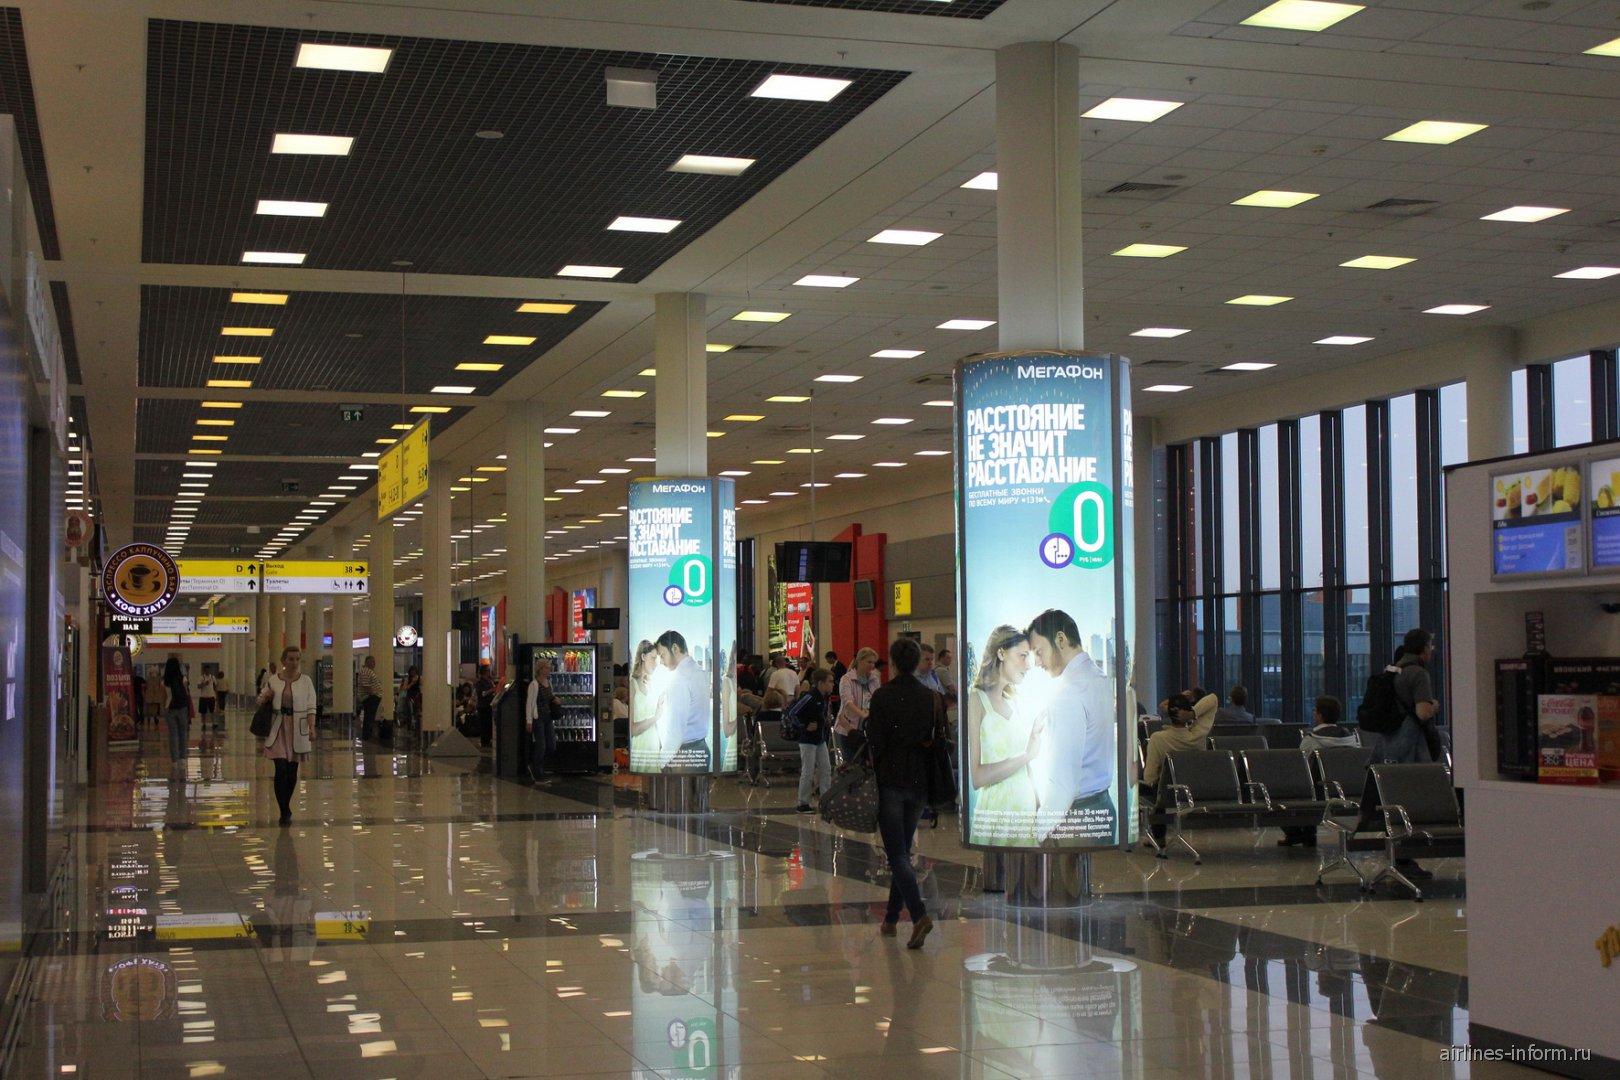 Залы ожидания в терминале E аэропорта Шереметьево